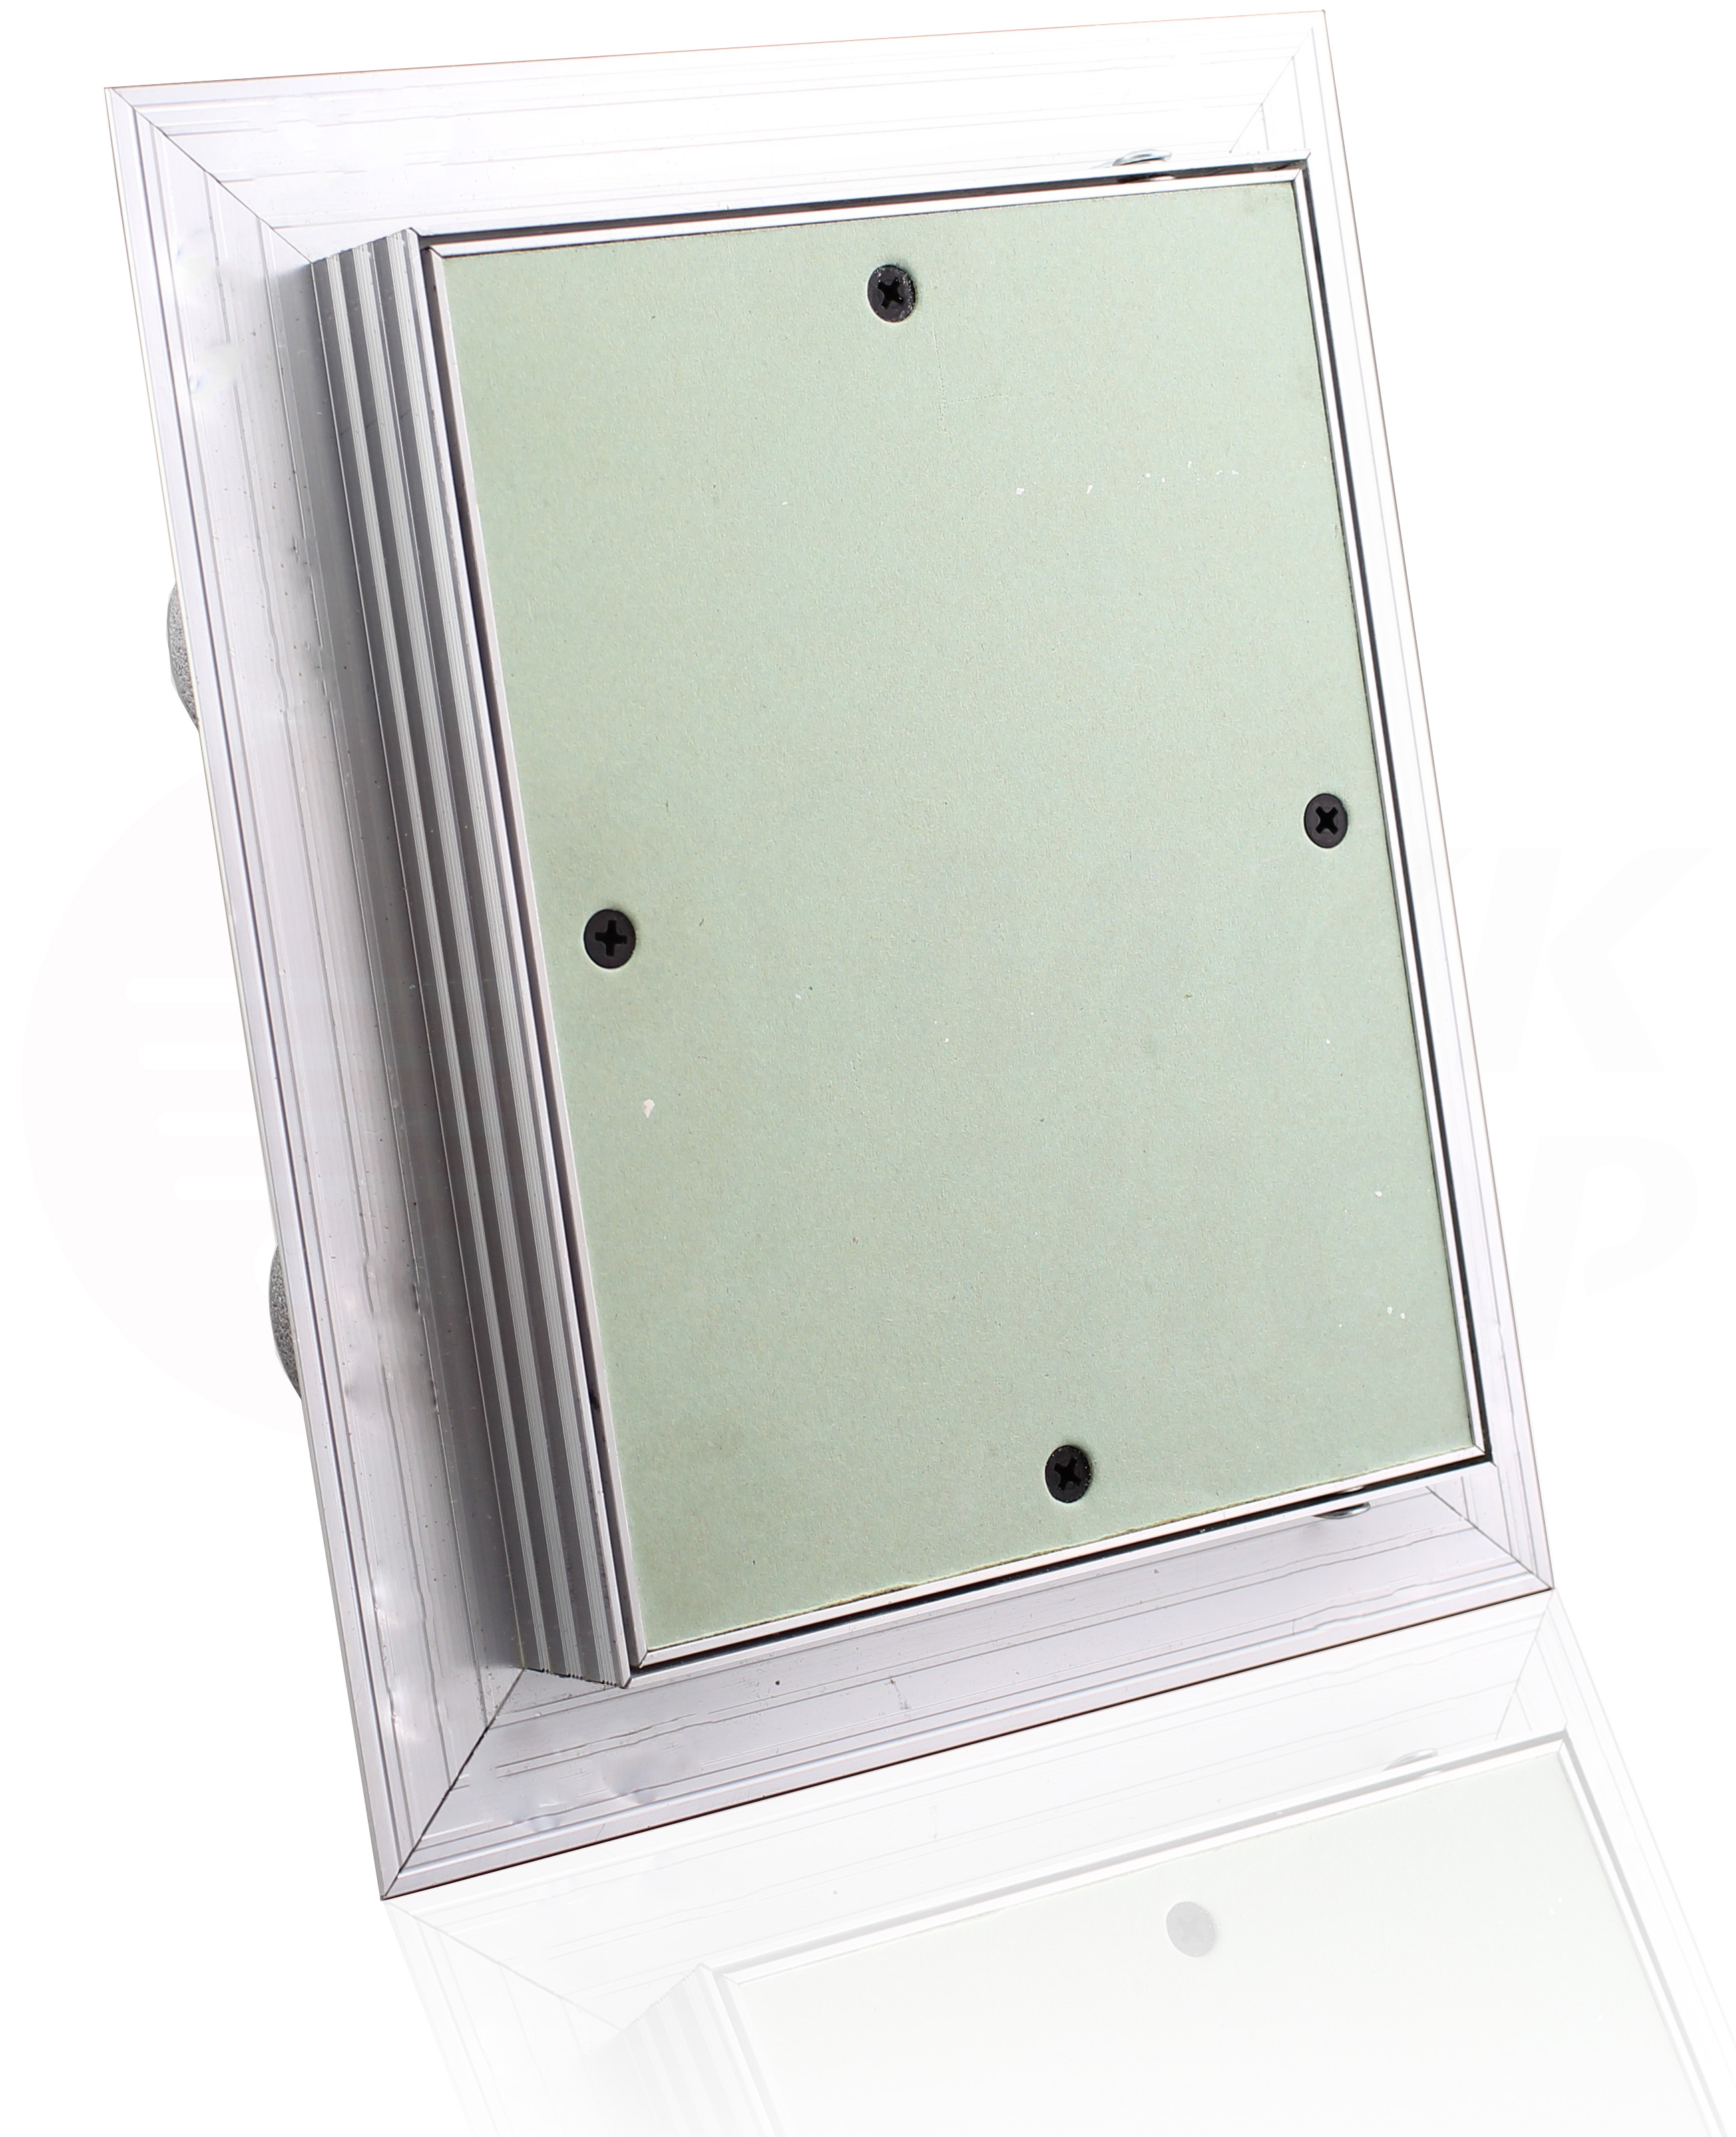 Revisionsklappe 15 x 30 cm GK-Einlage Gipskarton Revisionstür Wartungstür Alu